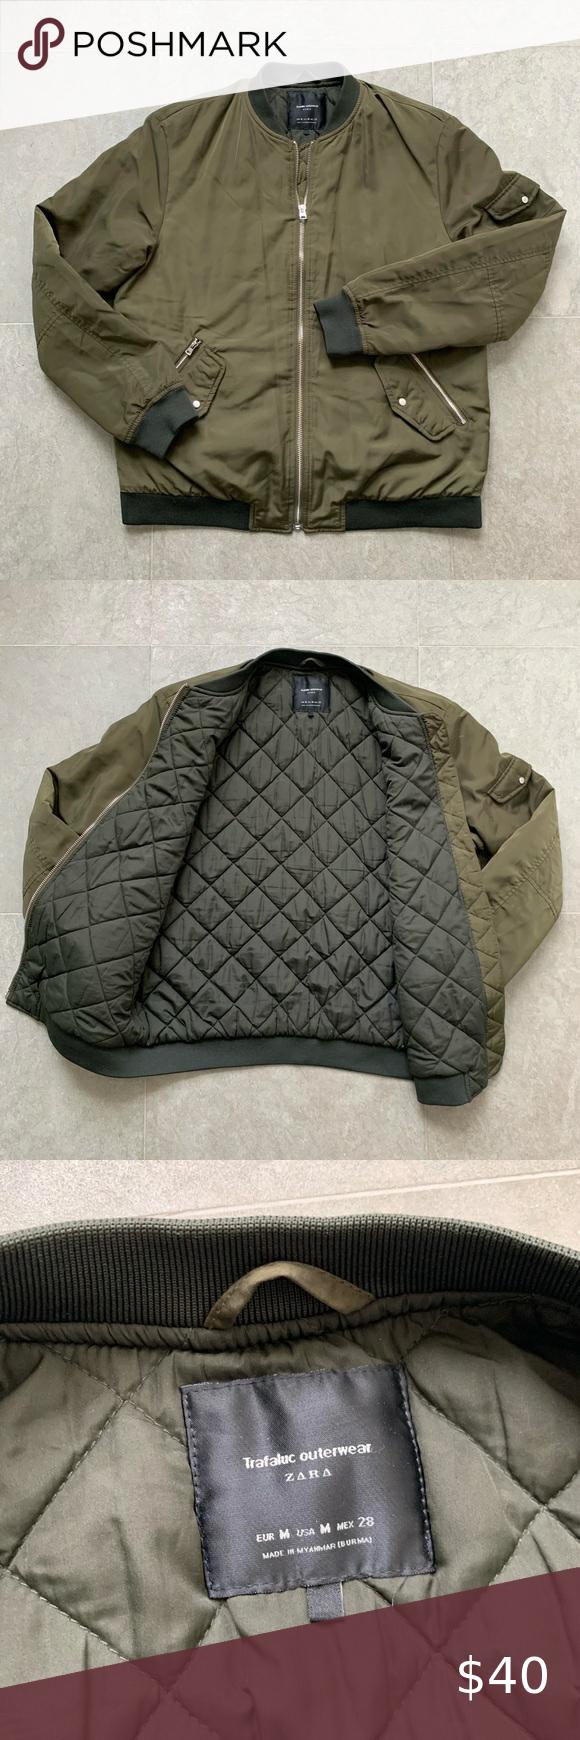 Zara Bomber Jacket Zara Bomber Jacket Jackets Zara [ 1740 x 580 Pixel ]